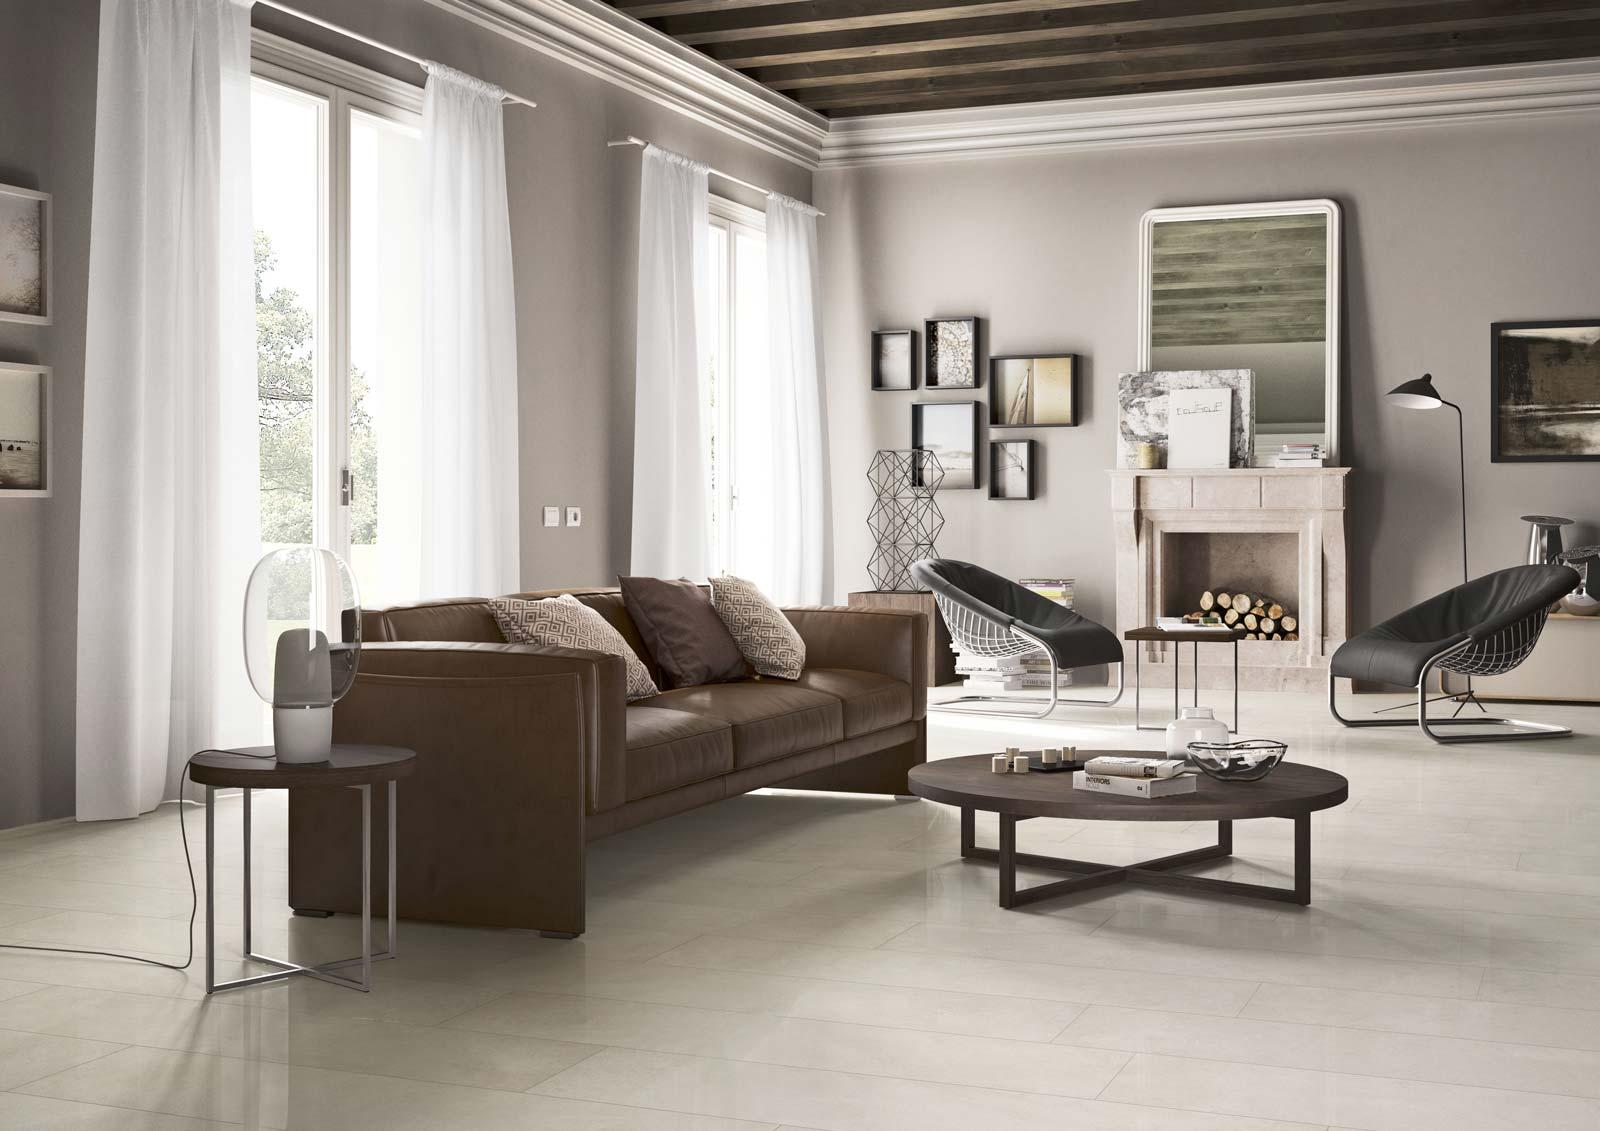 wohnzimmer beige weiß | jtleigh.com - hausgestaltung ideen - Wohnzimmer Fliesen Weis